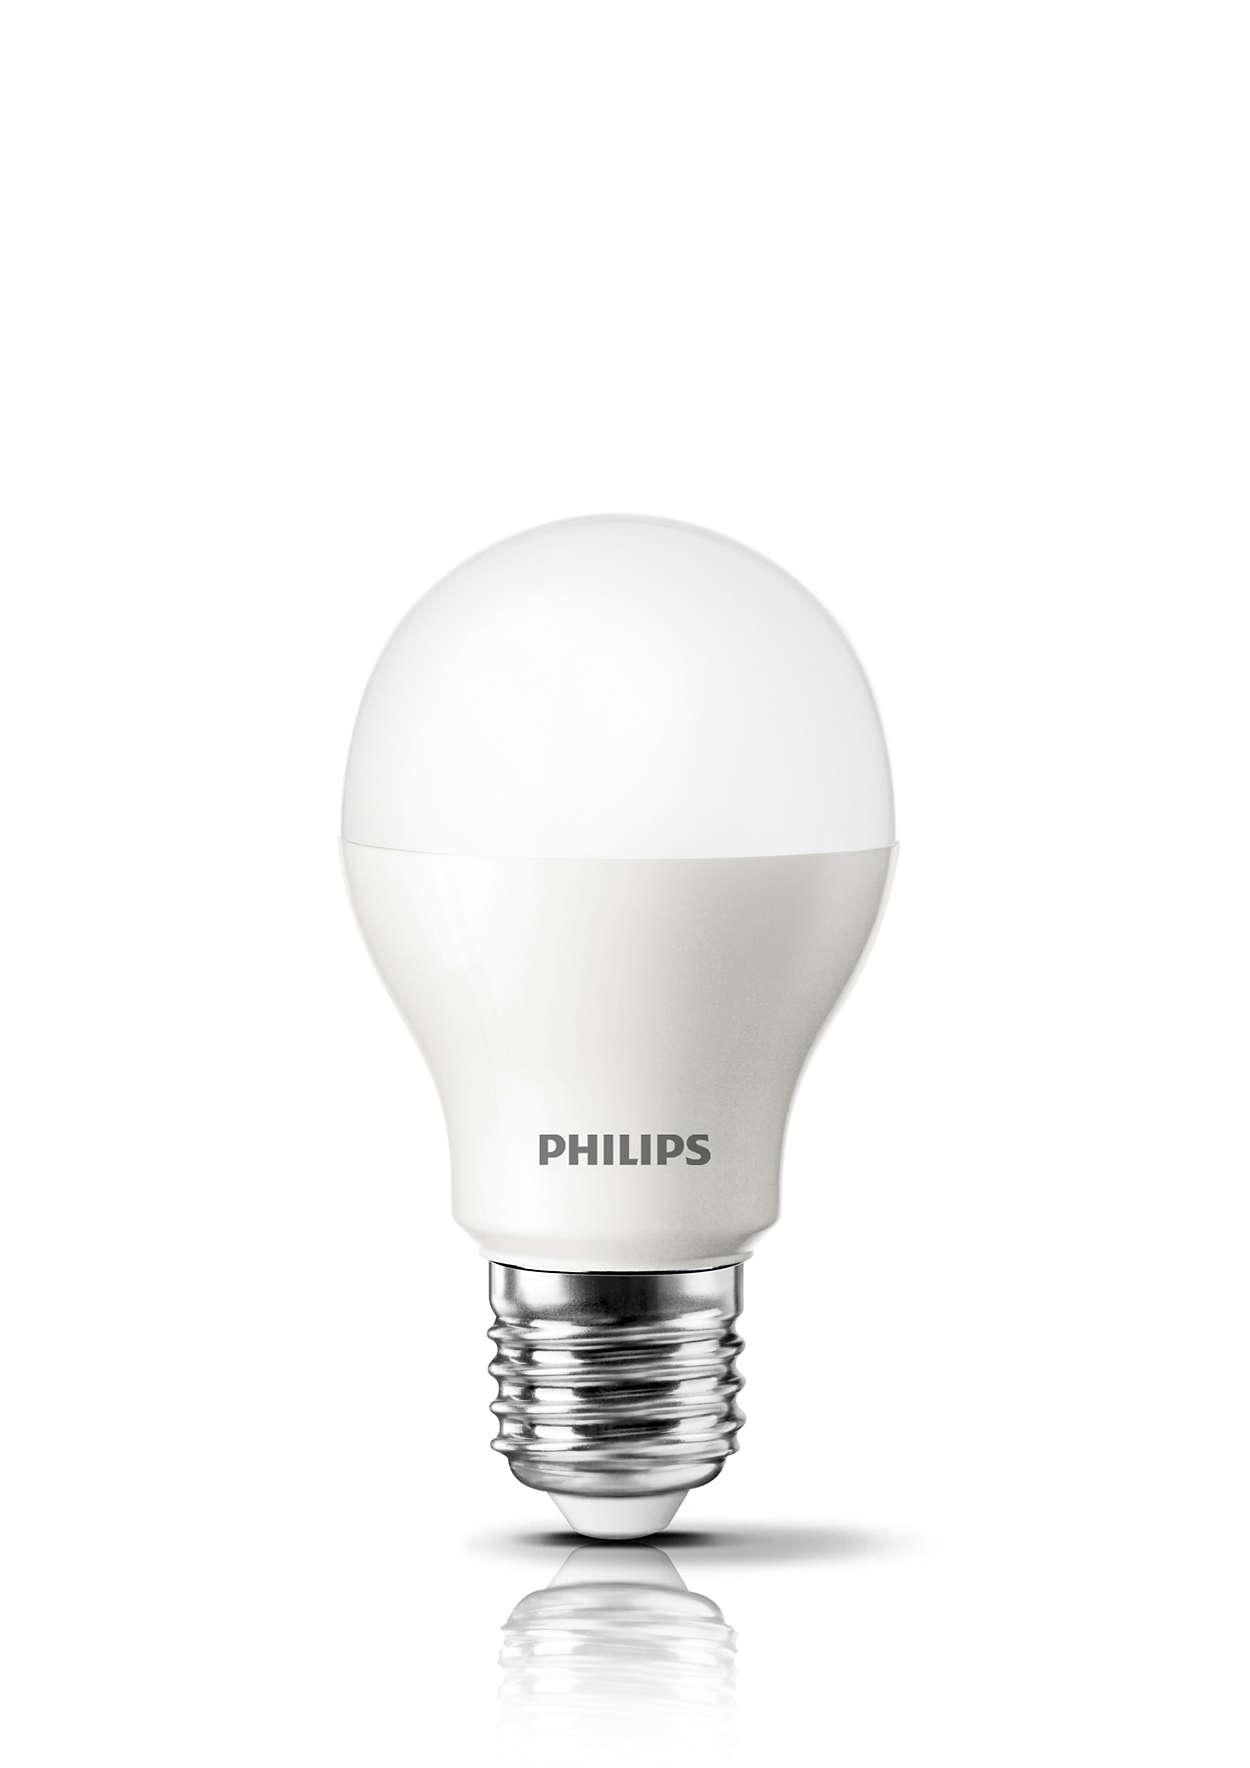 Светодиодная лампа ESS LED Bulb Philips 5Вт 650Лм в интернет-магазине Dinar ☎ (099) 160 34 55 ✓ лучшие цены ✓ бесплатная доставка от 1000 грн ✓ отзывы и фото